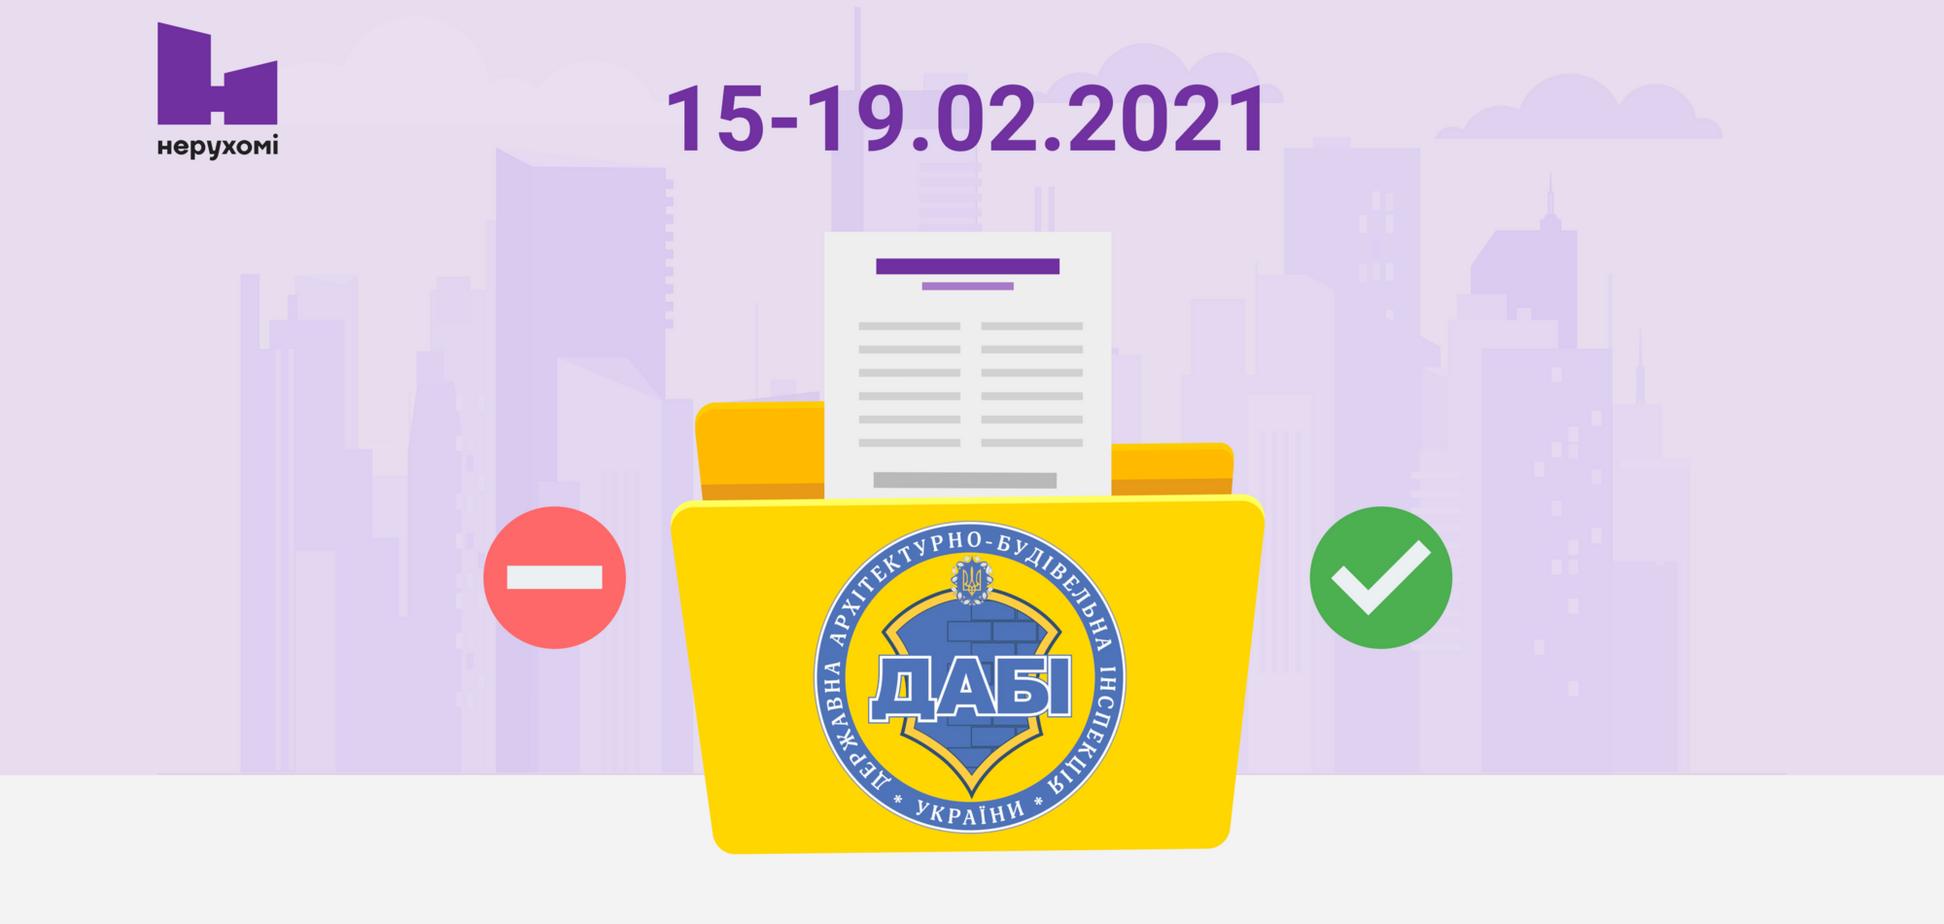 Забудовники почекають: ДАБІ другий тиждень не реєструє дозволи на ЖК